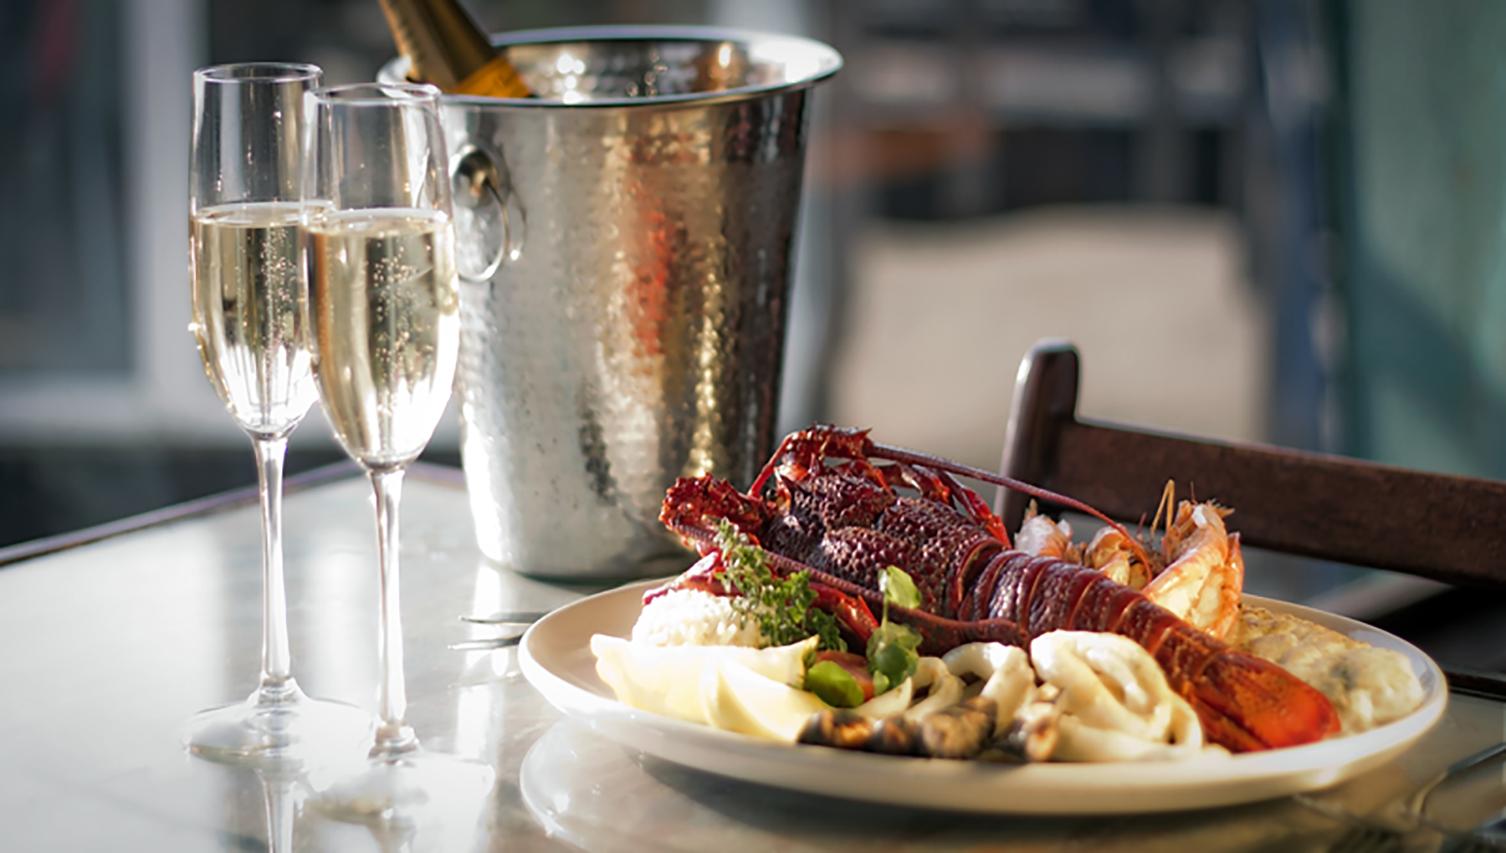 Namibie, repas culinaire : langouste dans une assiette dressée accompagnée de verres de vin pétillant